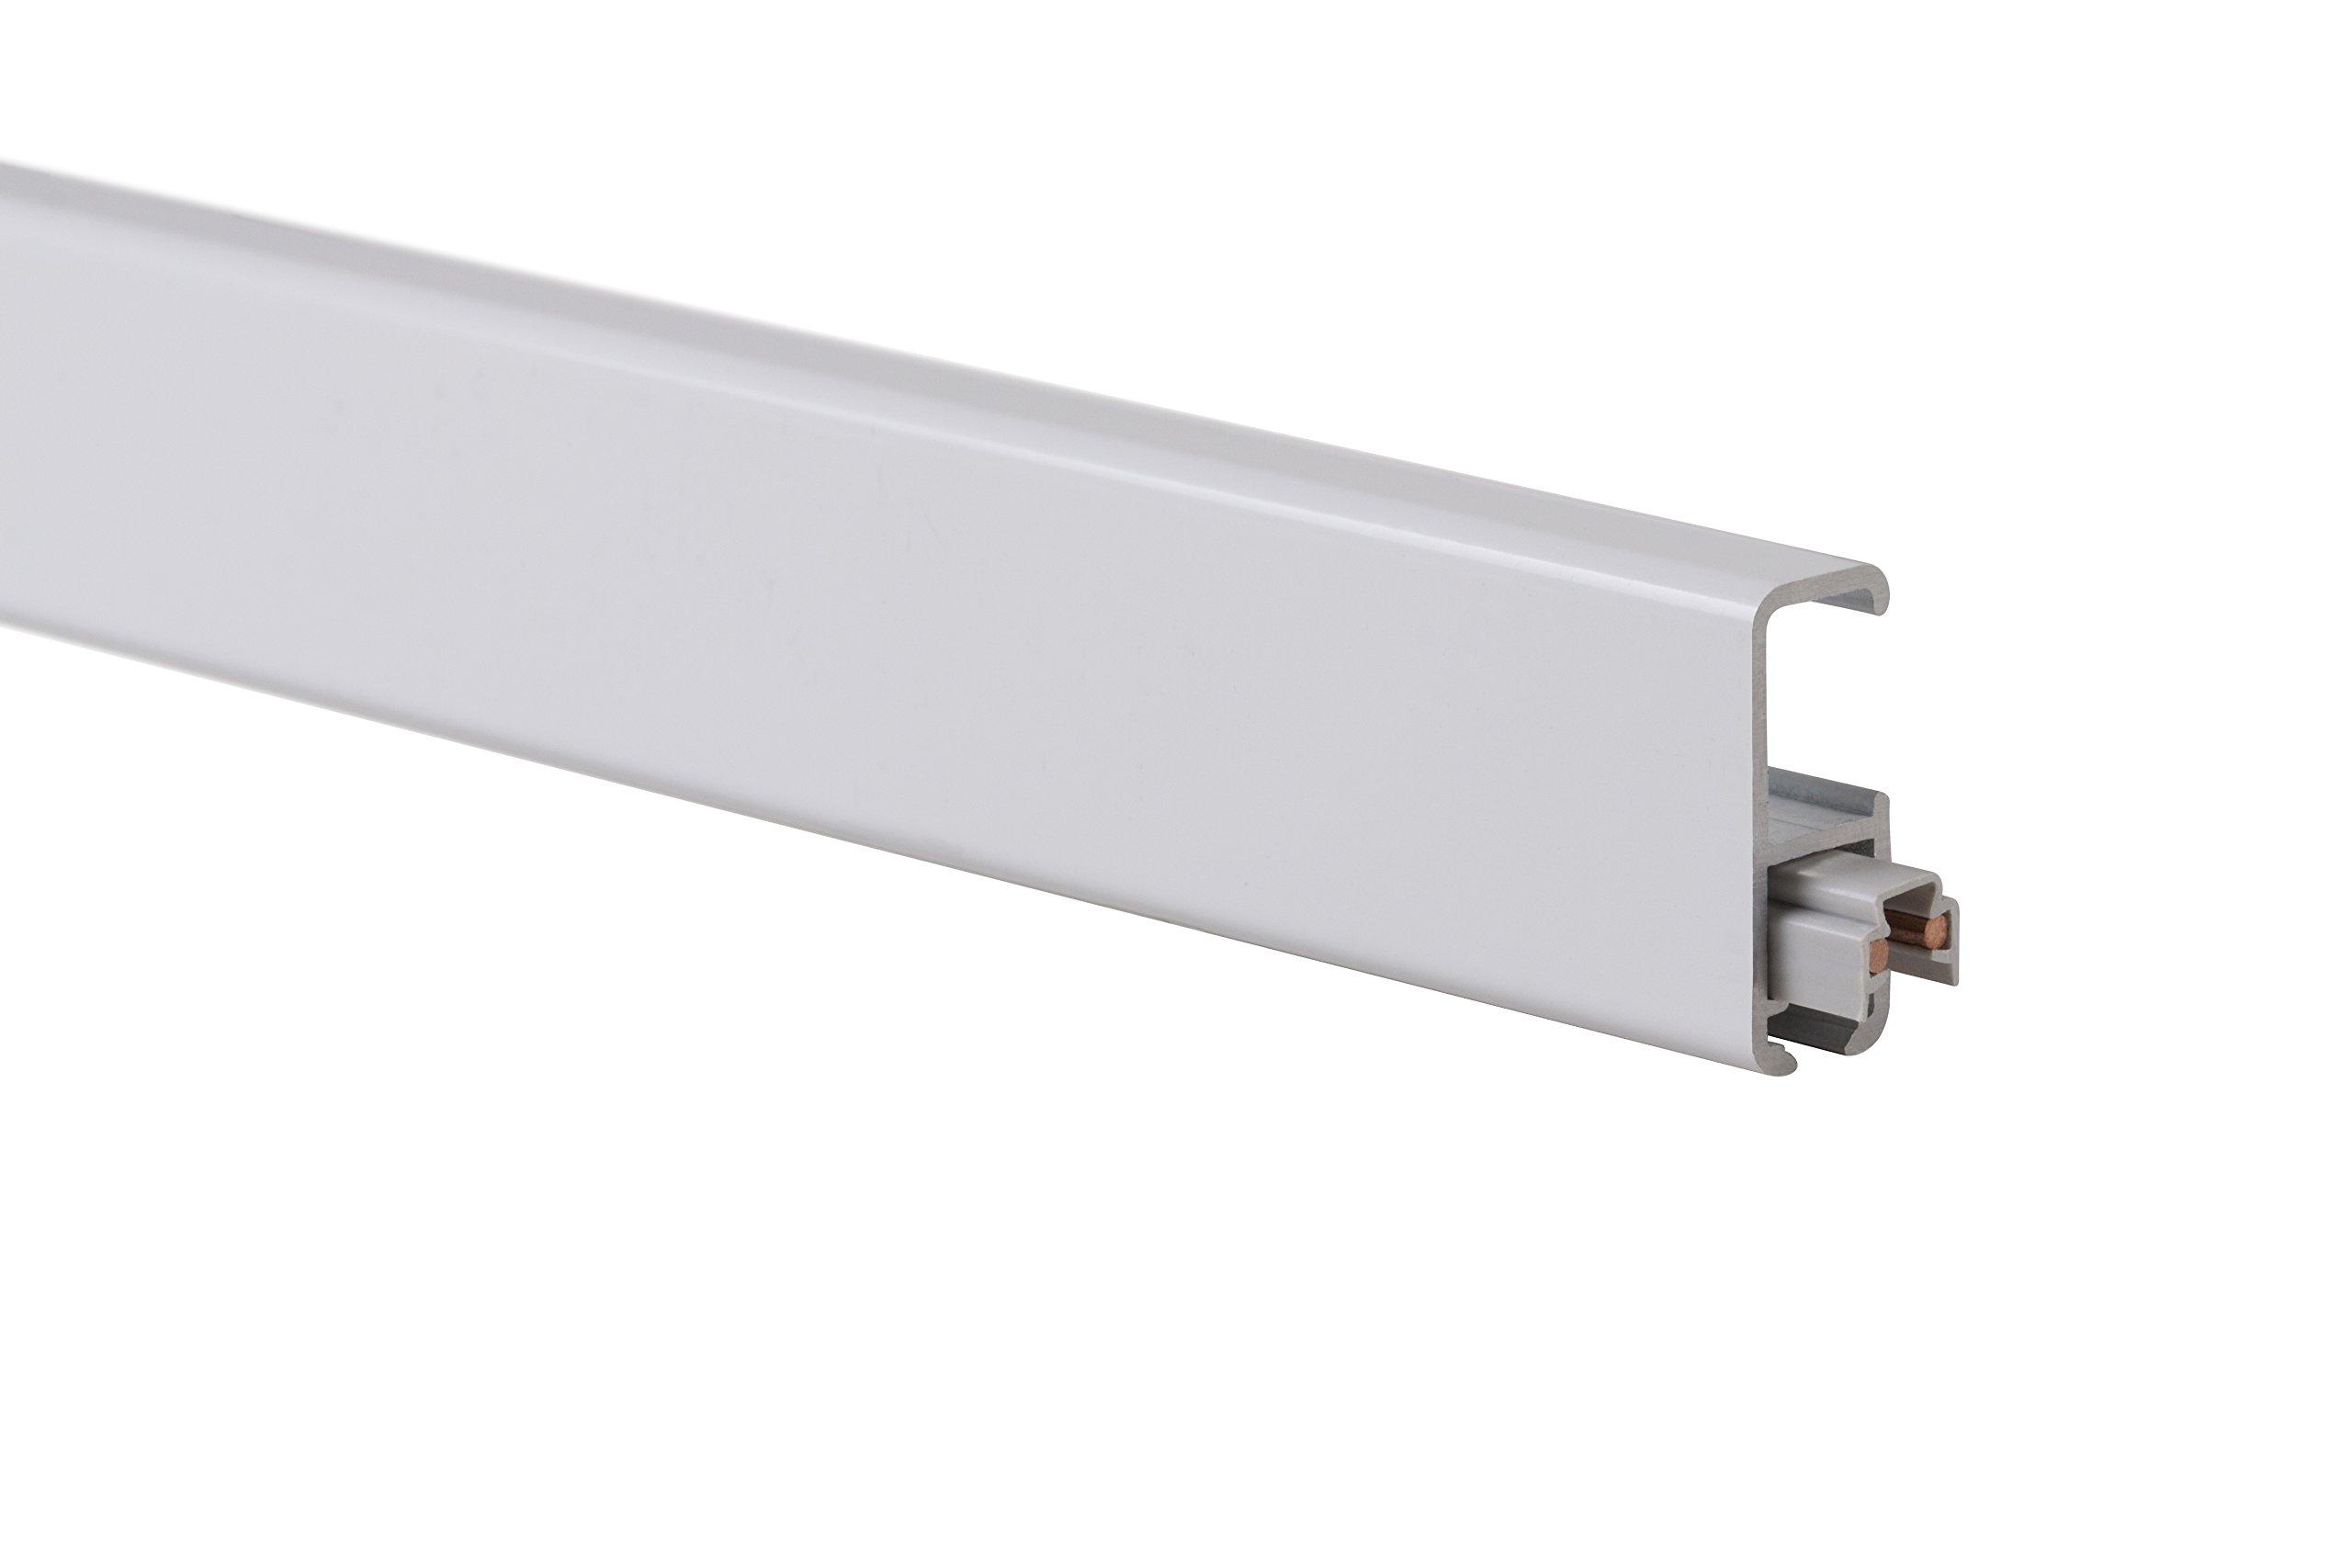 STAS multirail white 78.75 inch + installation kit